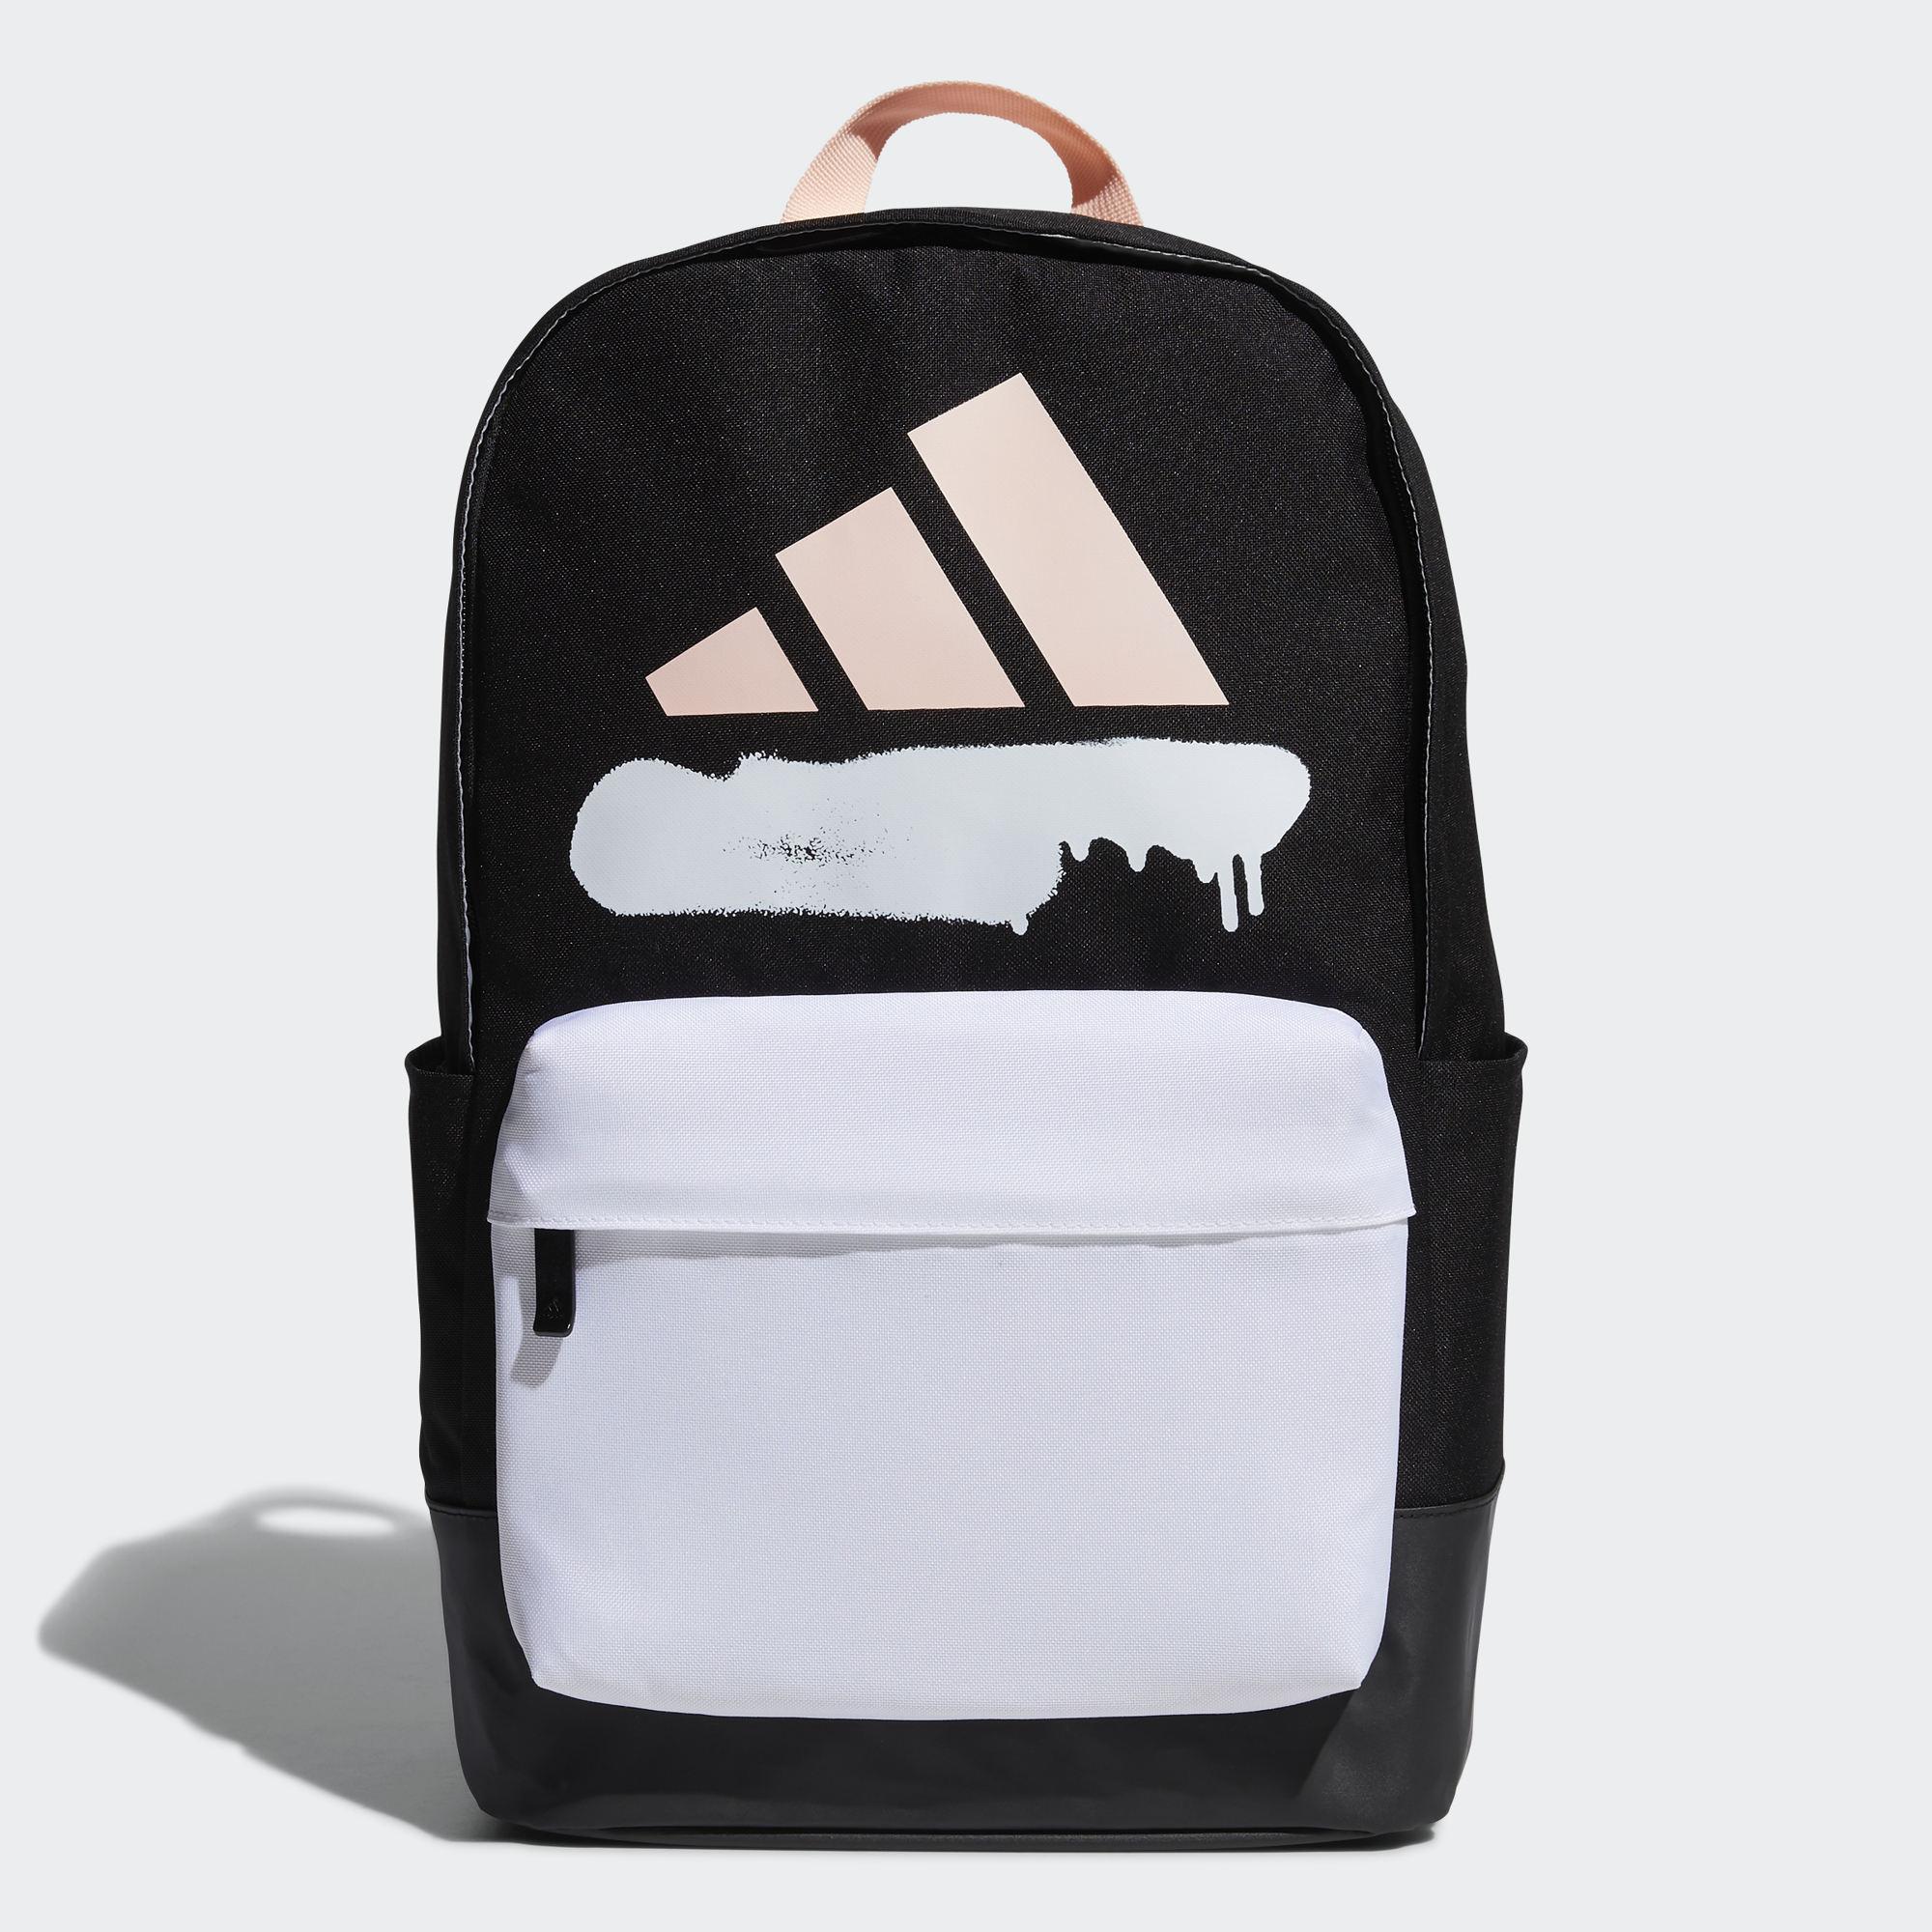 專業運動 尺寸:46 cm x 28 cm x 16 cm 容量:23.75 L 100% 再生聚酯平紋布 背面拼接透氣網布 質感堅韌的圖案後背包 正面拉鍊口袋 兩側開放式口袋 TPE 塗層底部